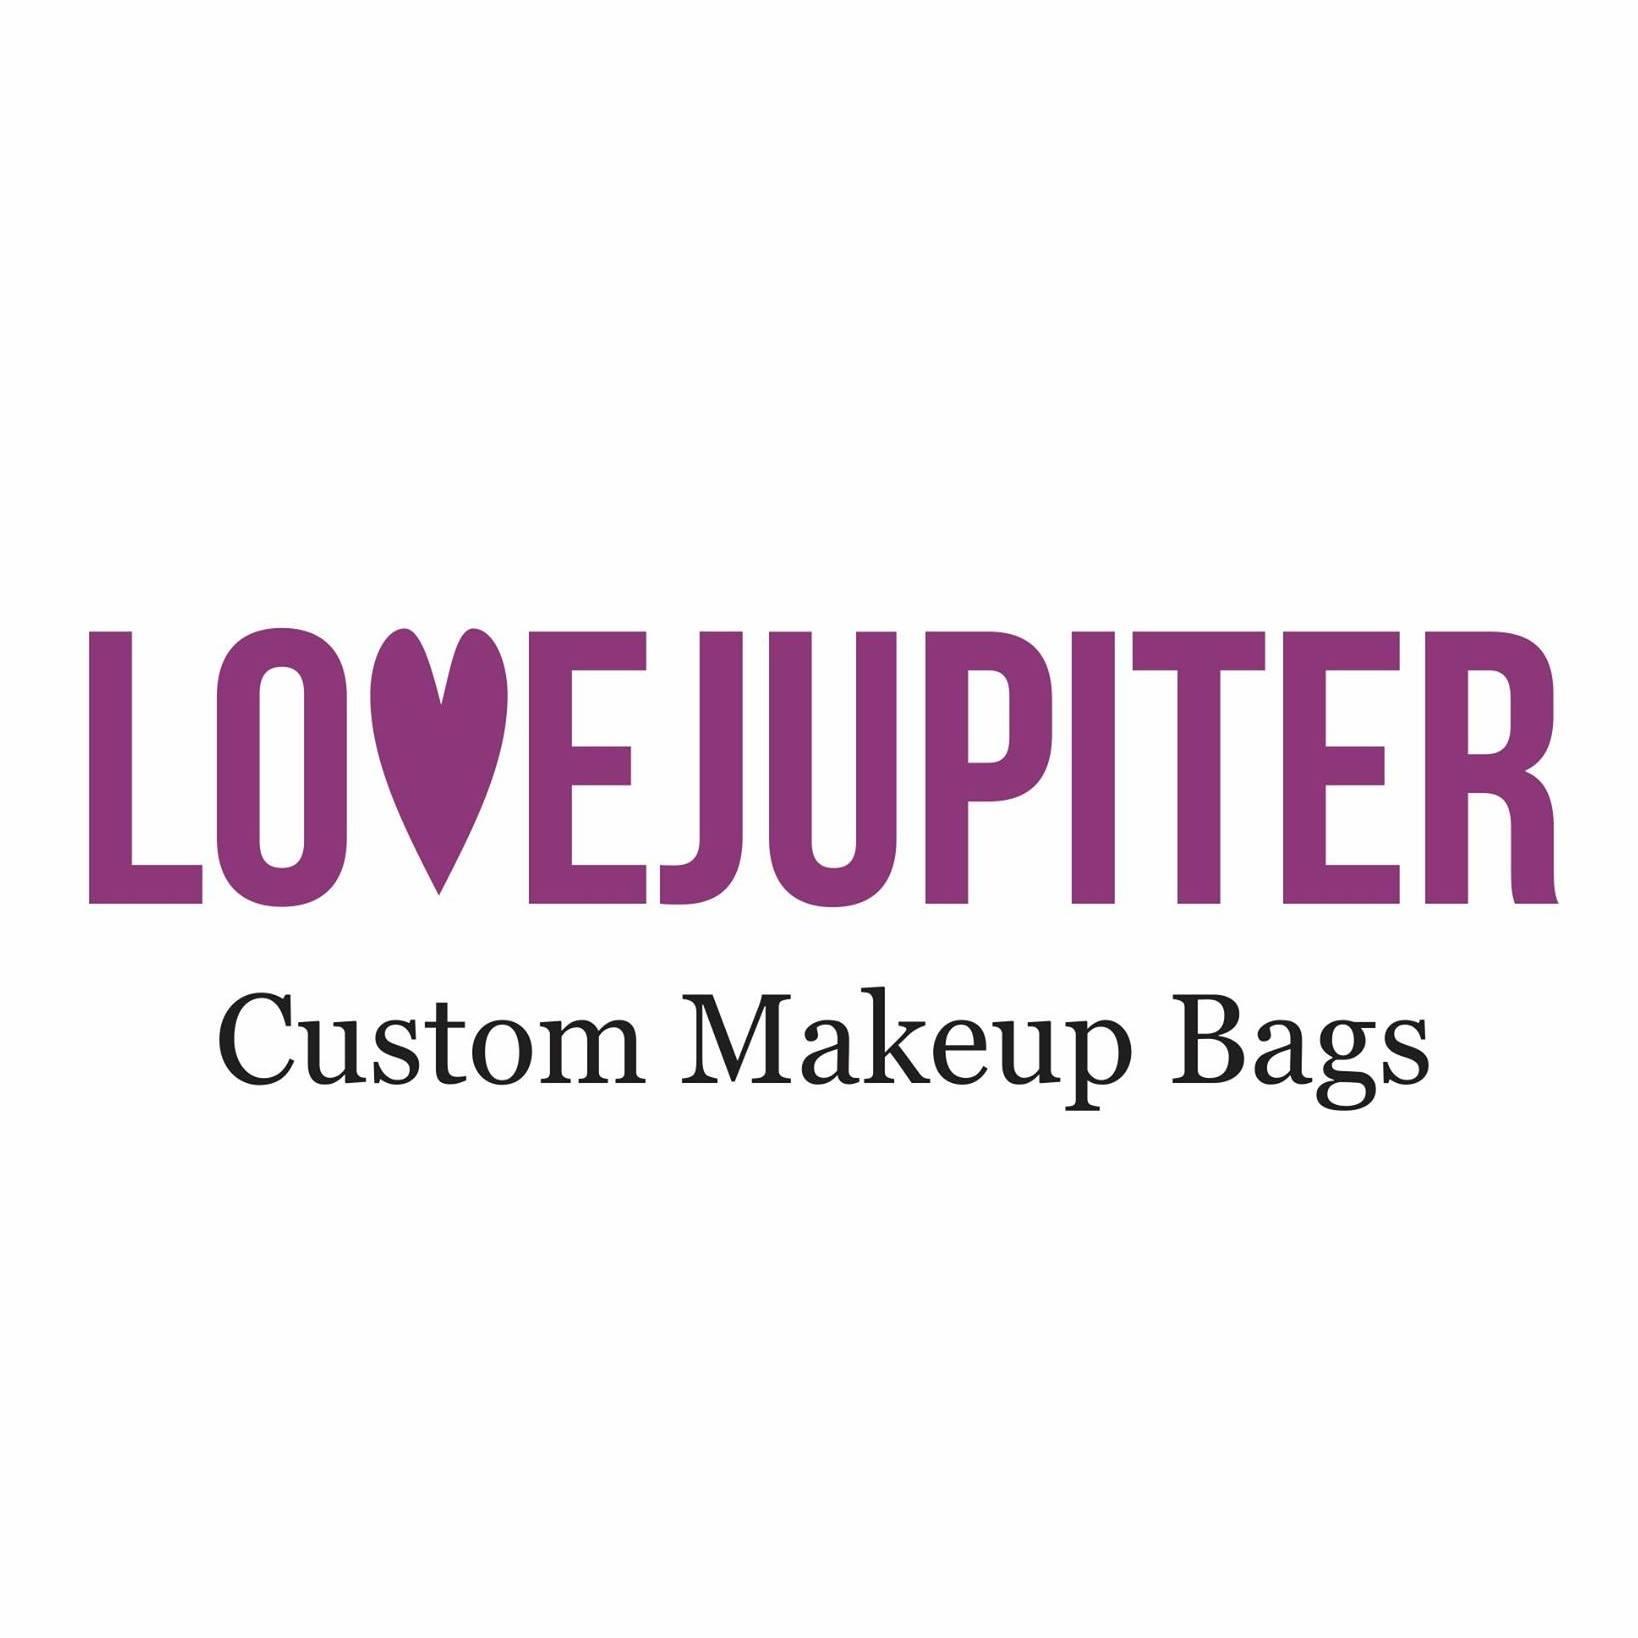 Love Jupiter